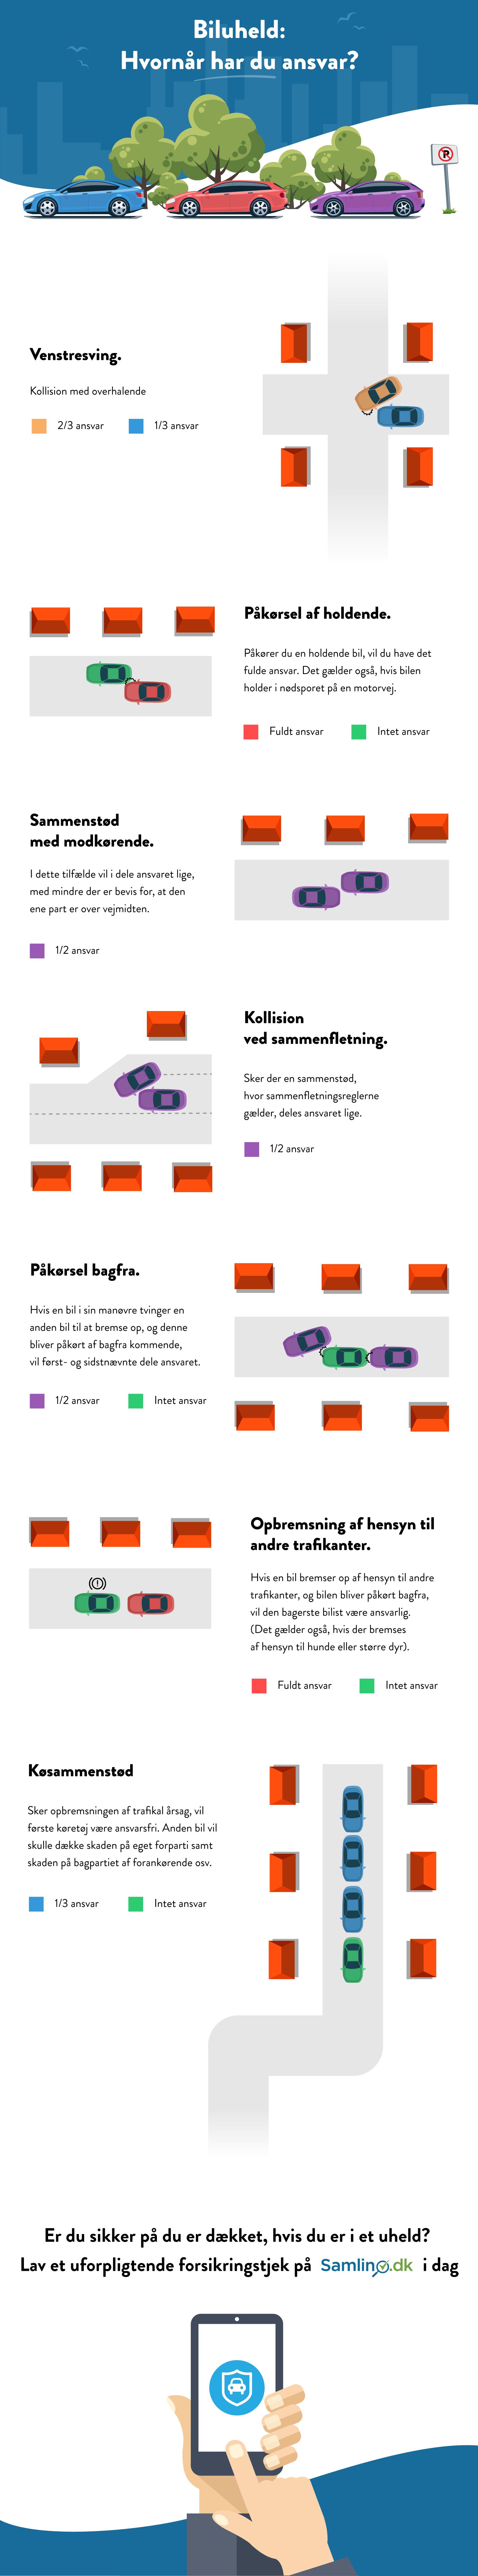 Infografik der viser, hvem der har ansvar i et trafikuheld